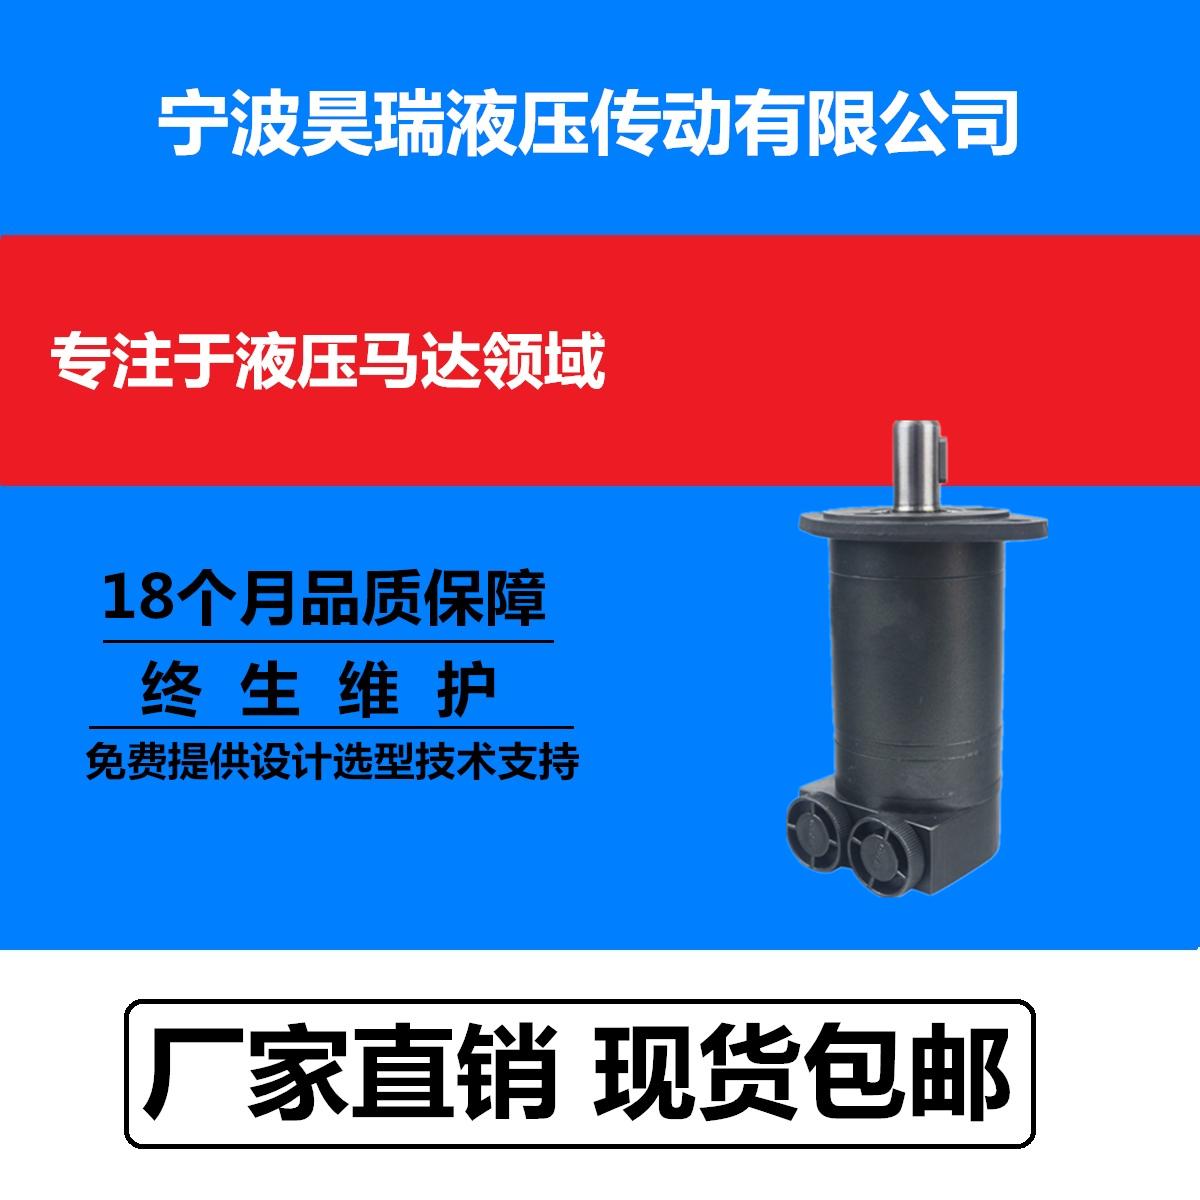 高速摆线马达BMM/OMM刀塔机床割草机模具绞牙清洗设备液压马达